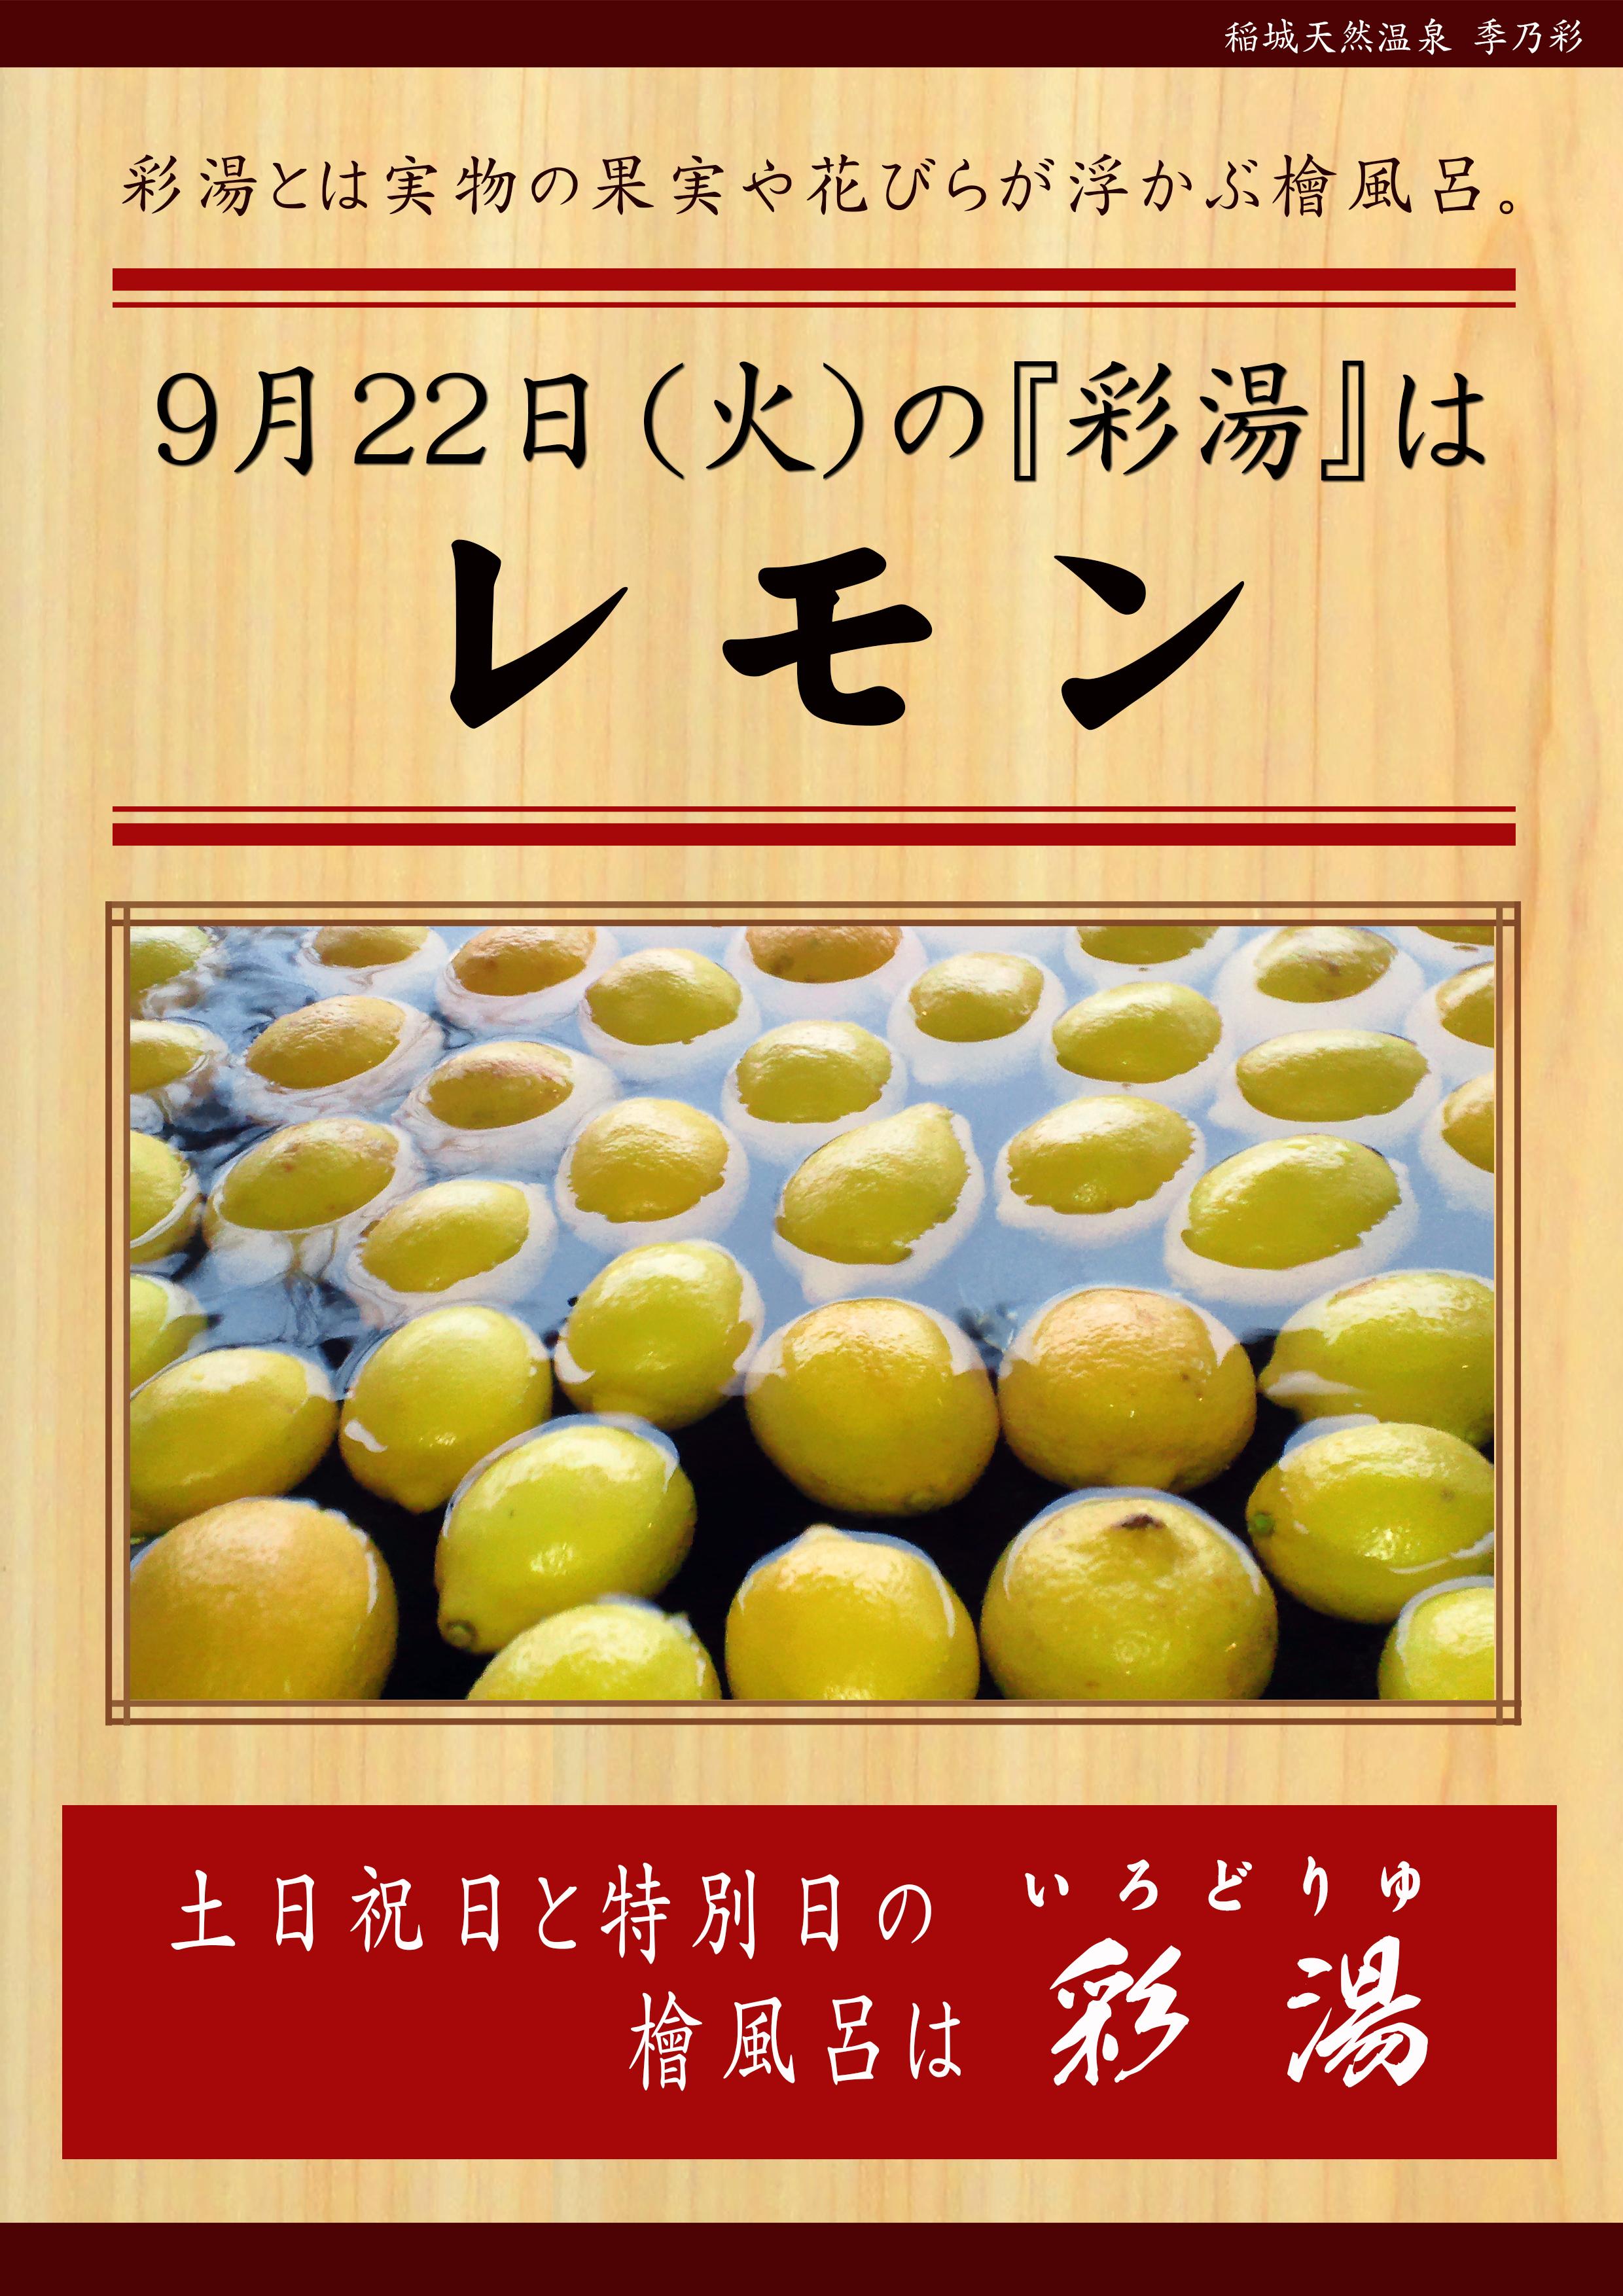 レモン 0922